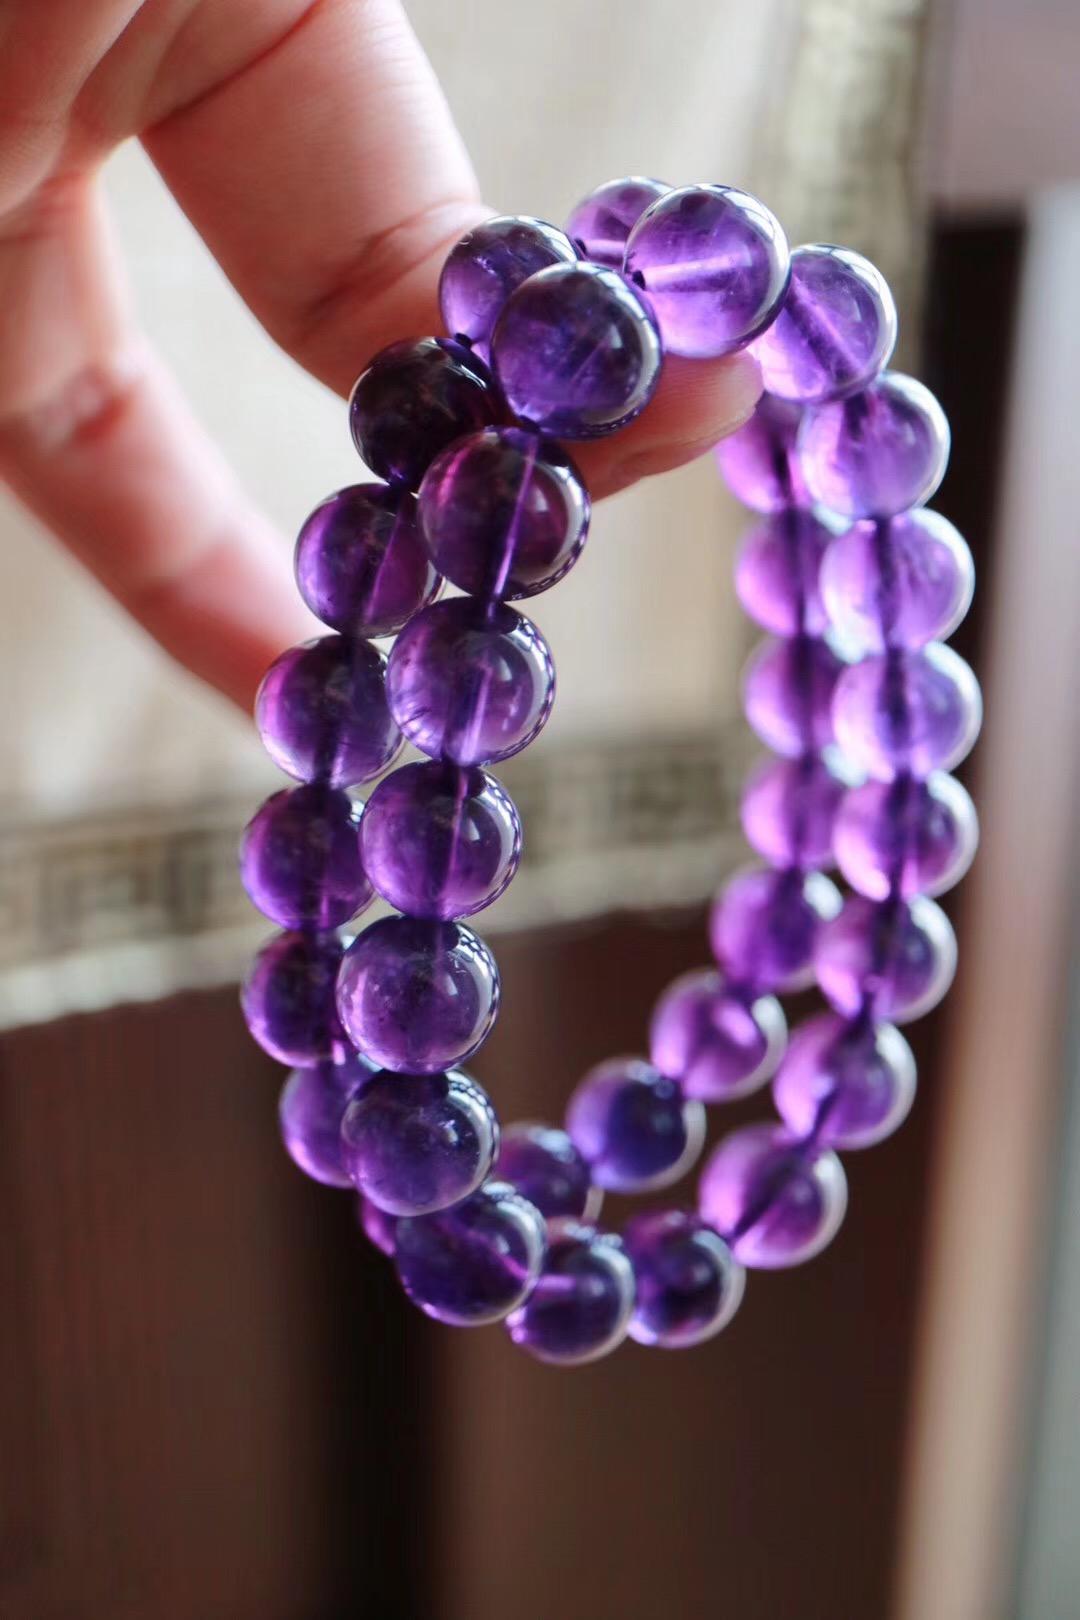 【紫水晶】象征宁静安神,有助于睡眠,对应三眼轮-菩心晶舍